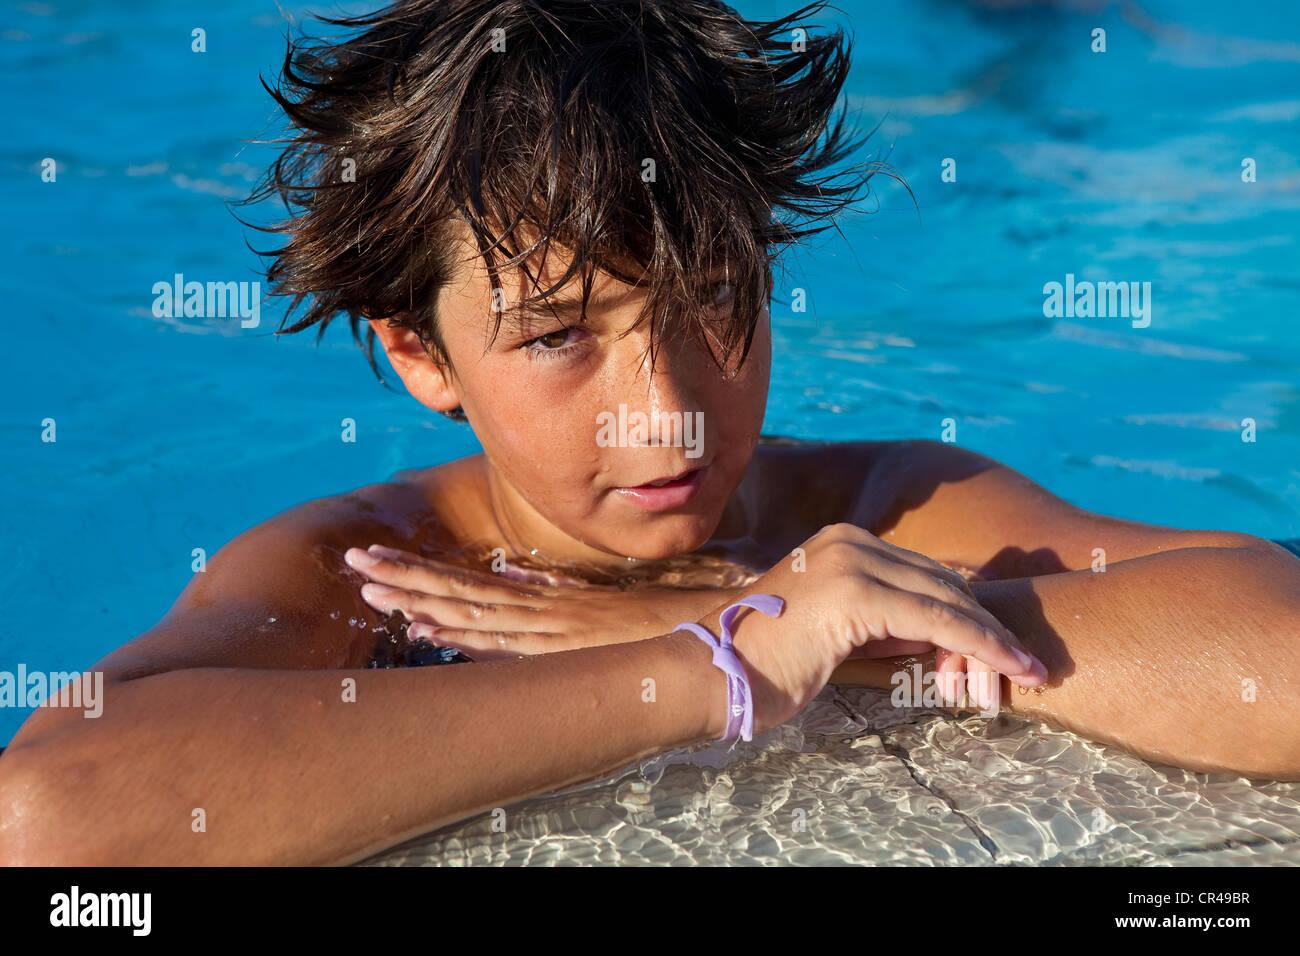 Francia, Corse du Sud, ragazzo in piscina Immagini Stock